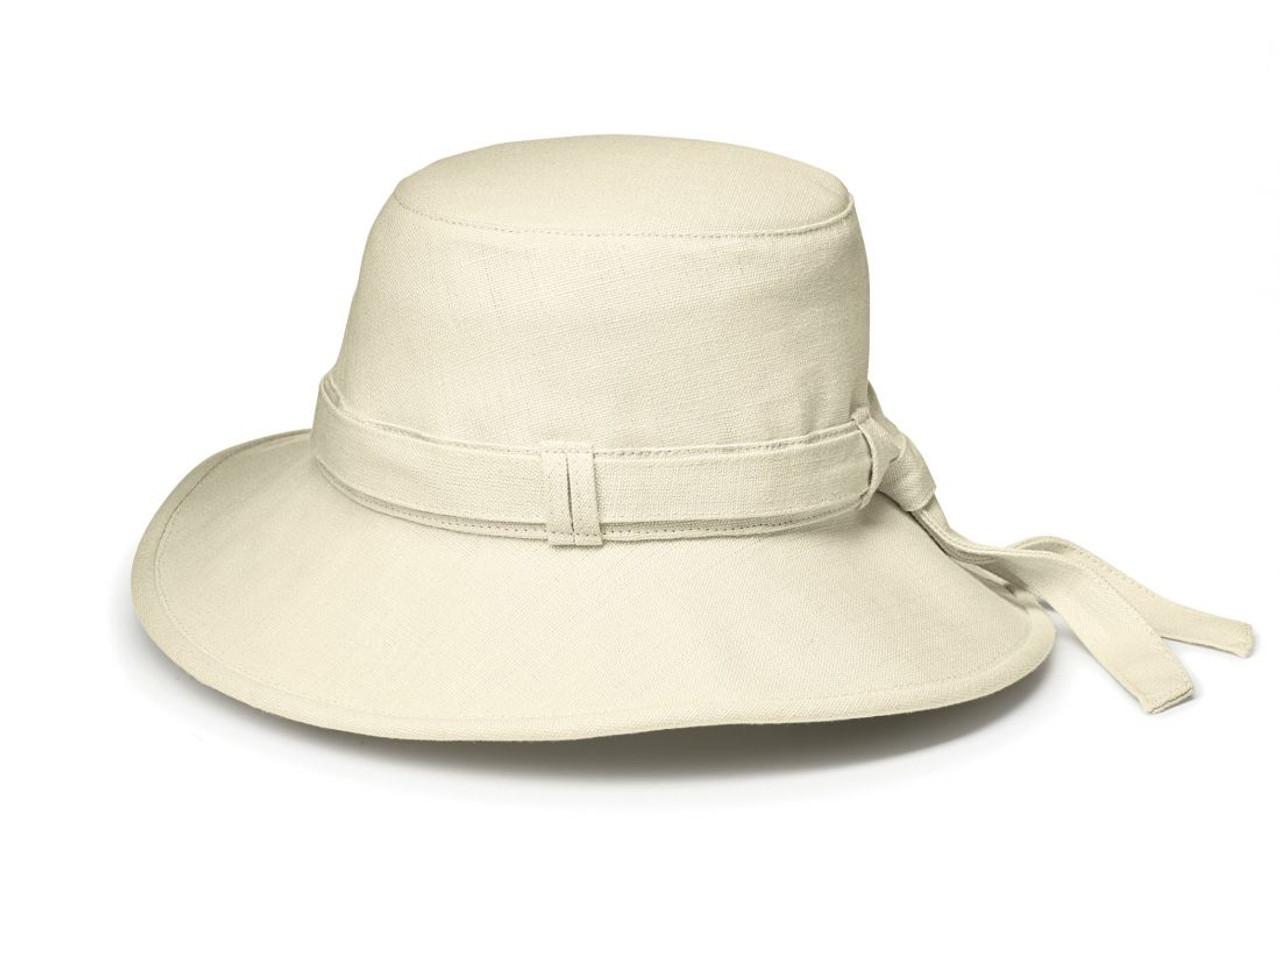 e518c2854df Tilley Women s Hemp Cloche Hat TH9 - Herbert s Boots and Western Wear